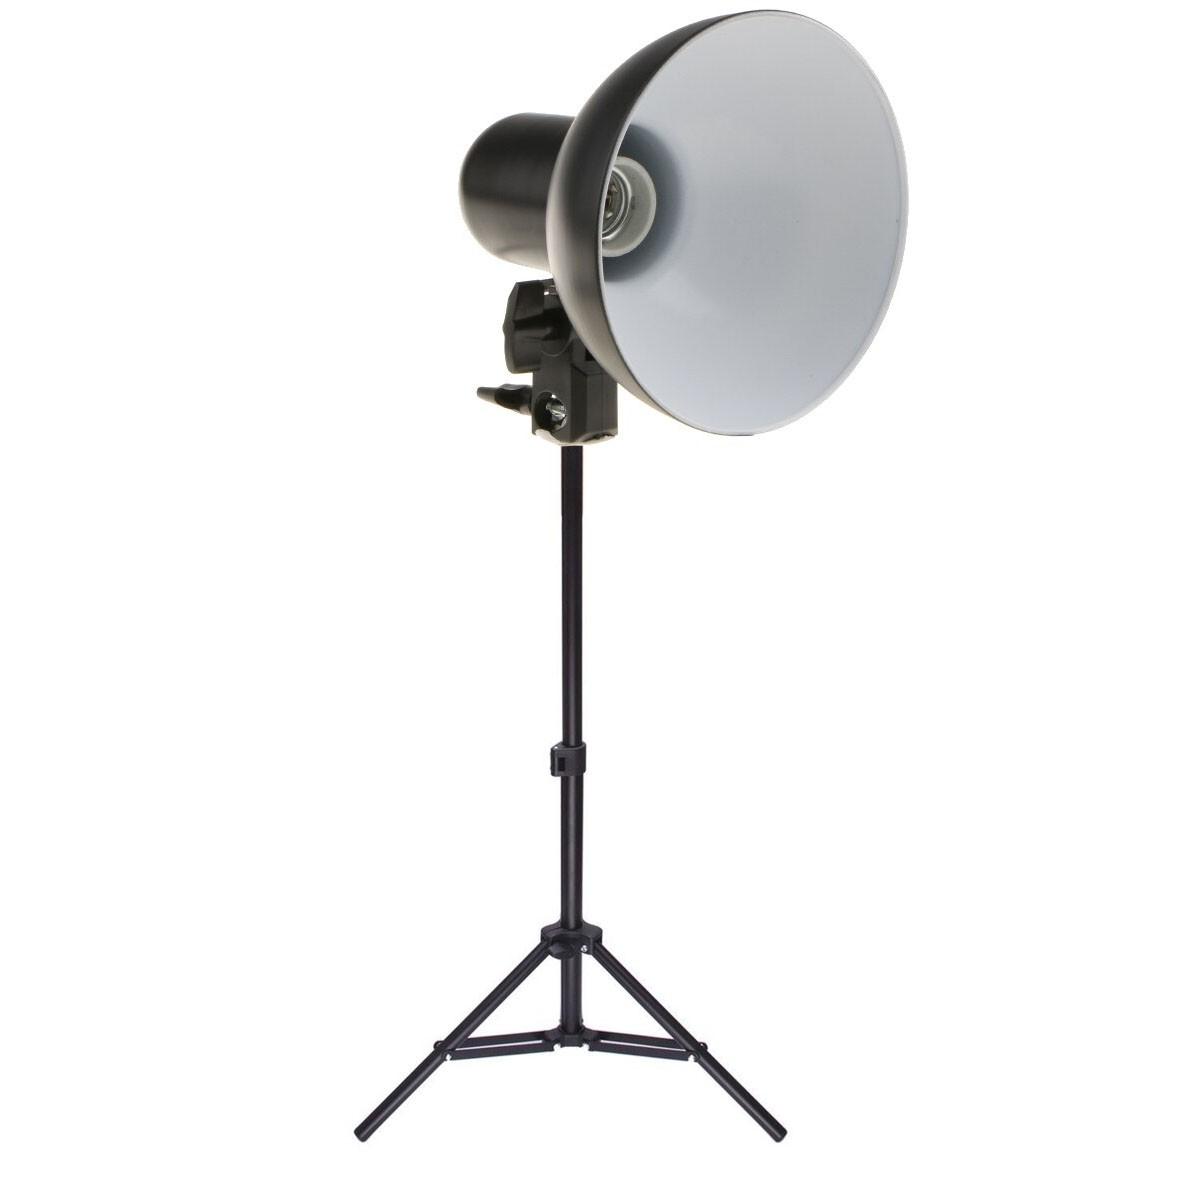 Kit Iluminador Foto e Vídeo Refletor FV414 com Tripé 75cm  - Diafilme Materiais Fotográficos